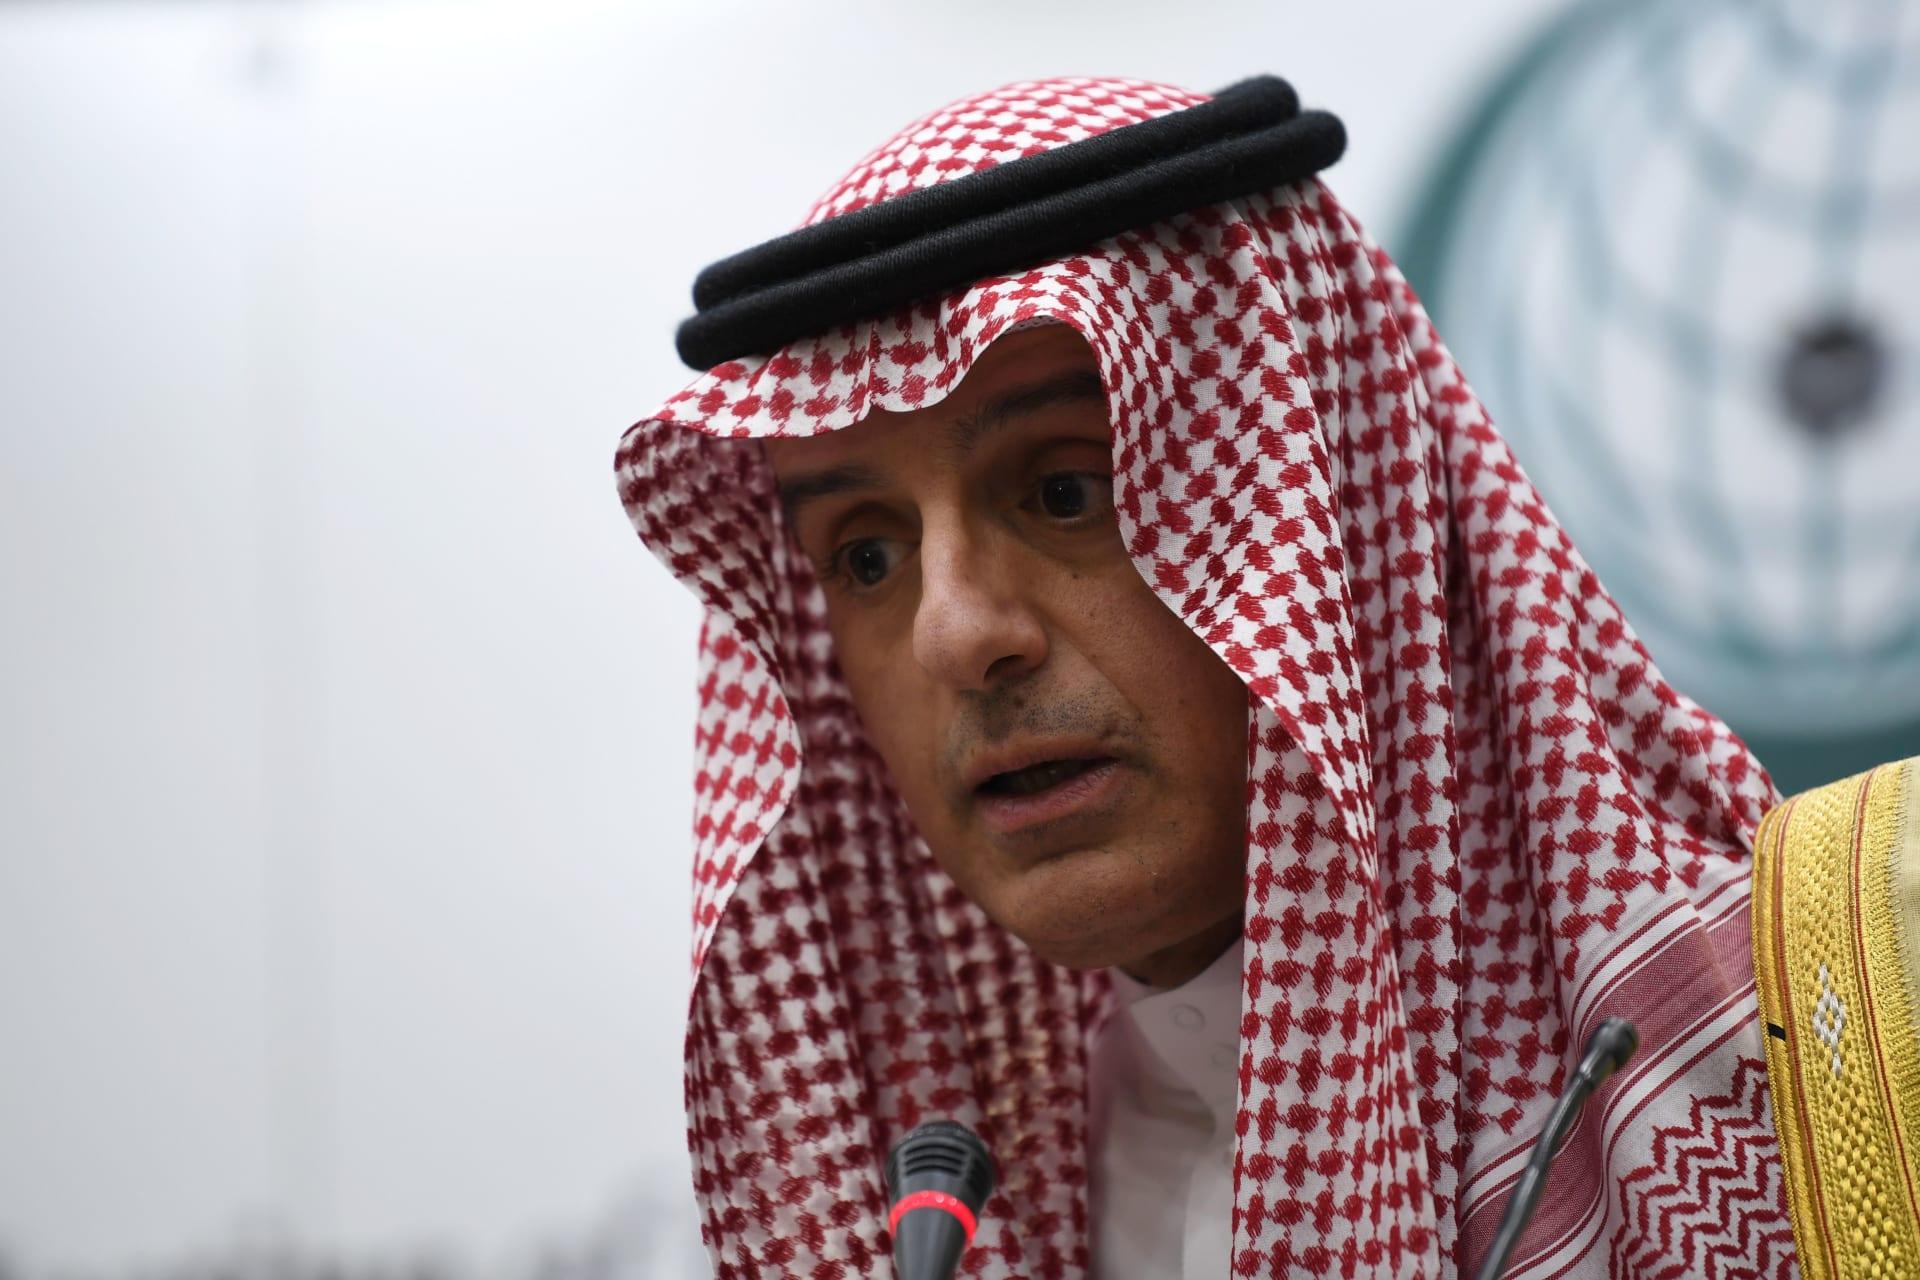 """وزارة الخارجية الإسرائيلية تتفق مع تصريحات عادل الجبير حول إيران: """"الملالي يتعجلون أجلهم"""""""